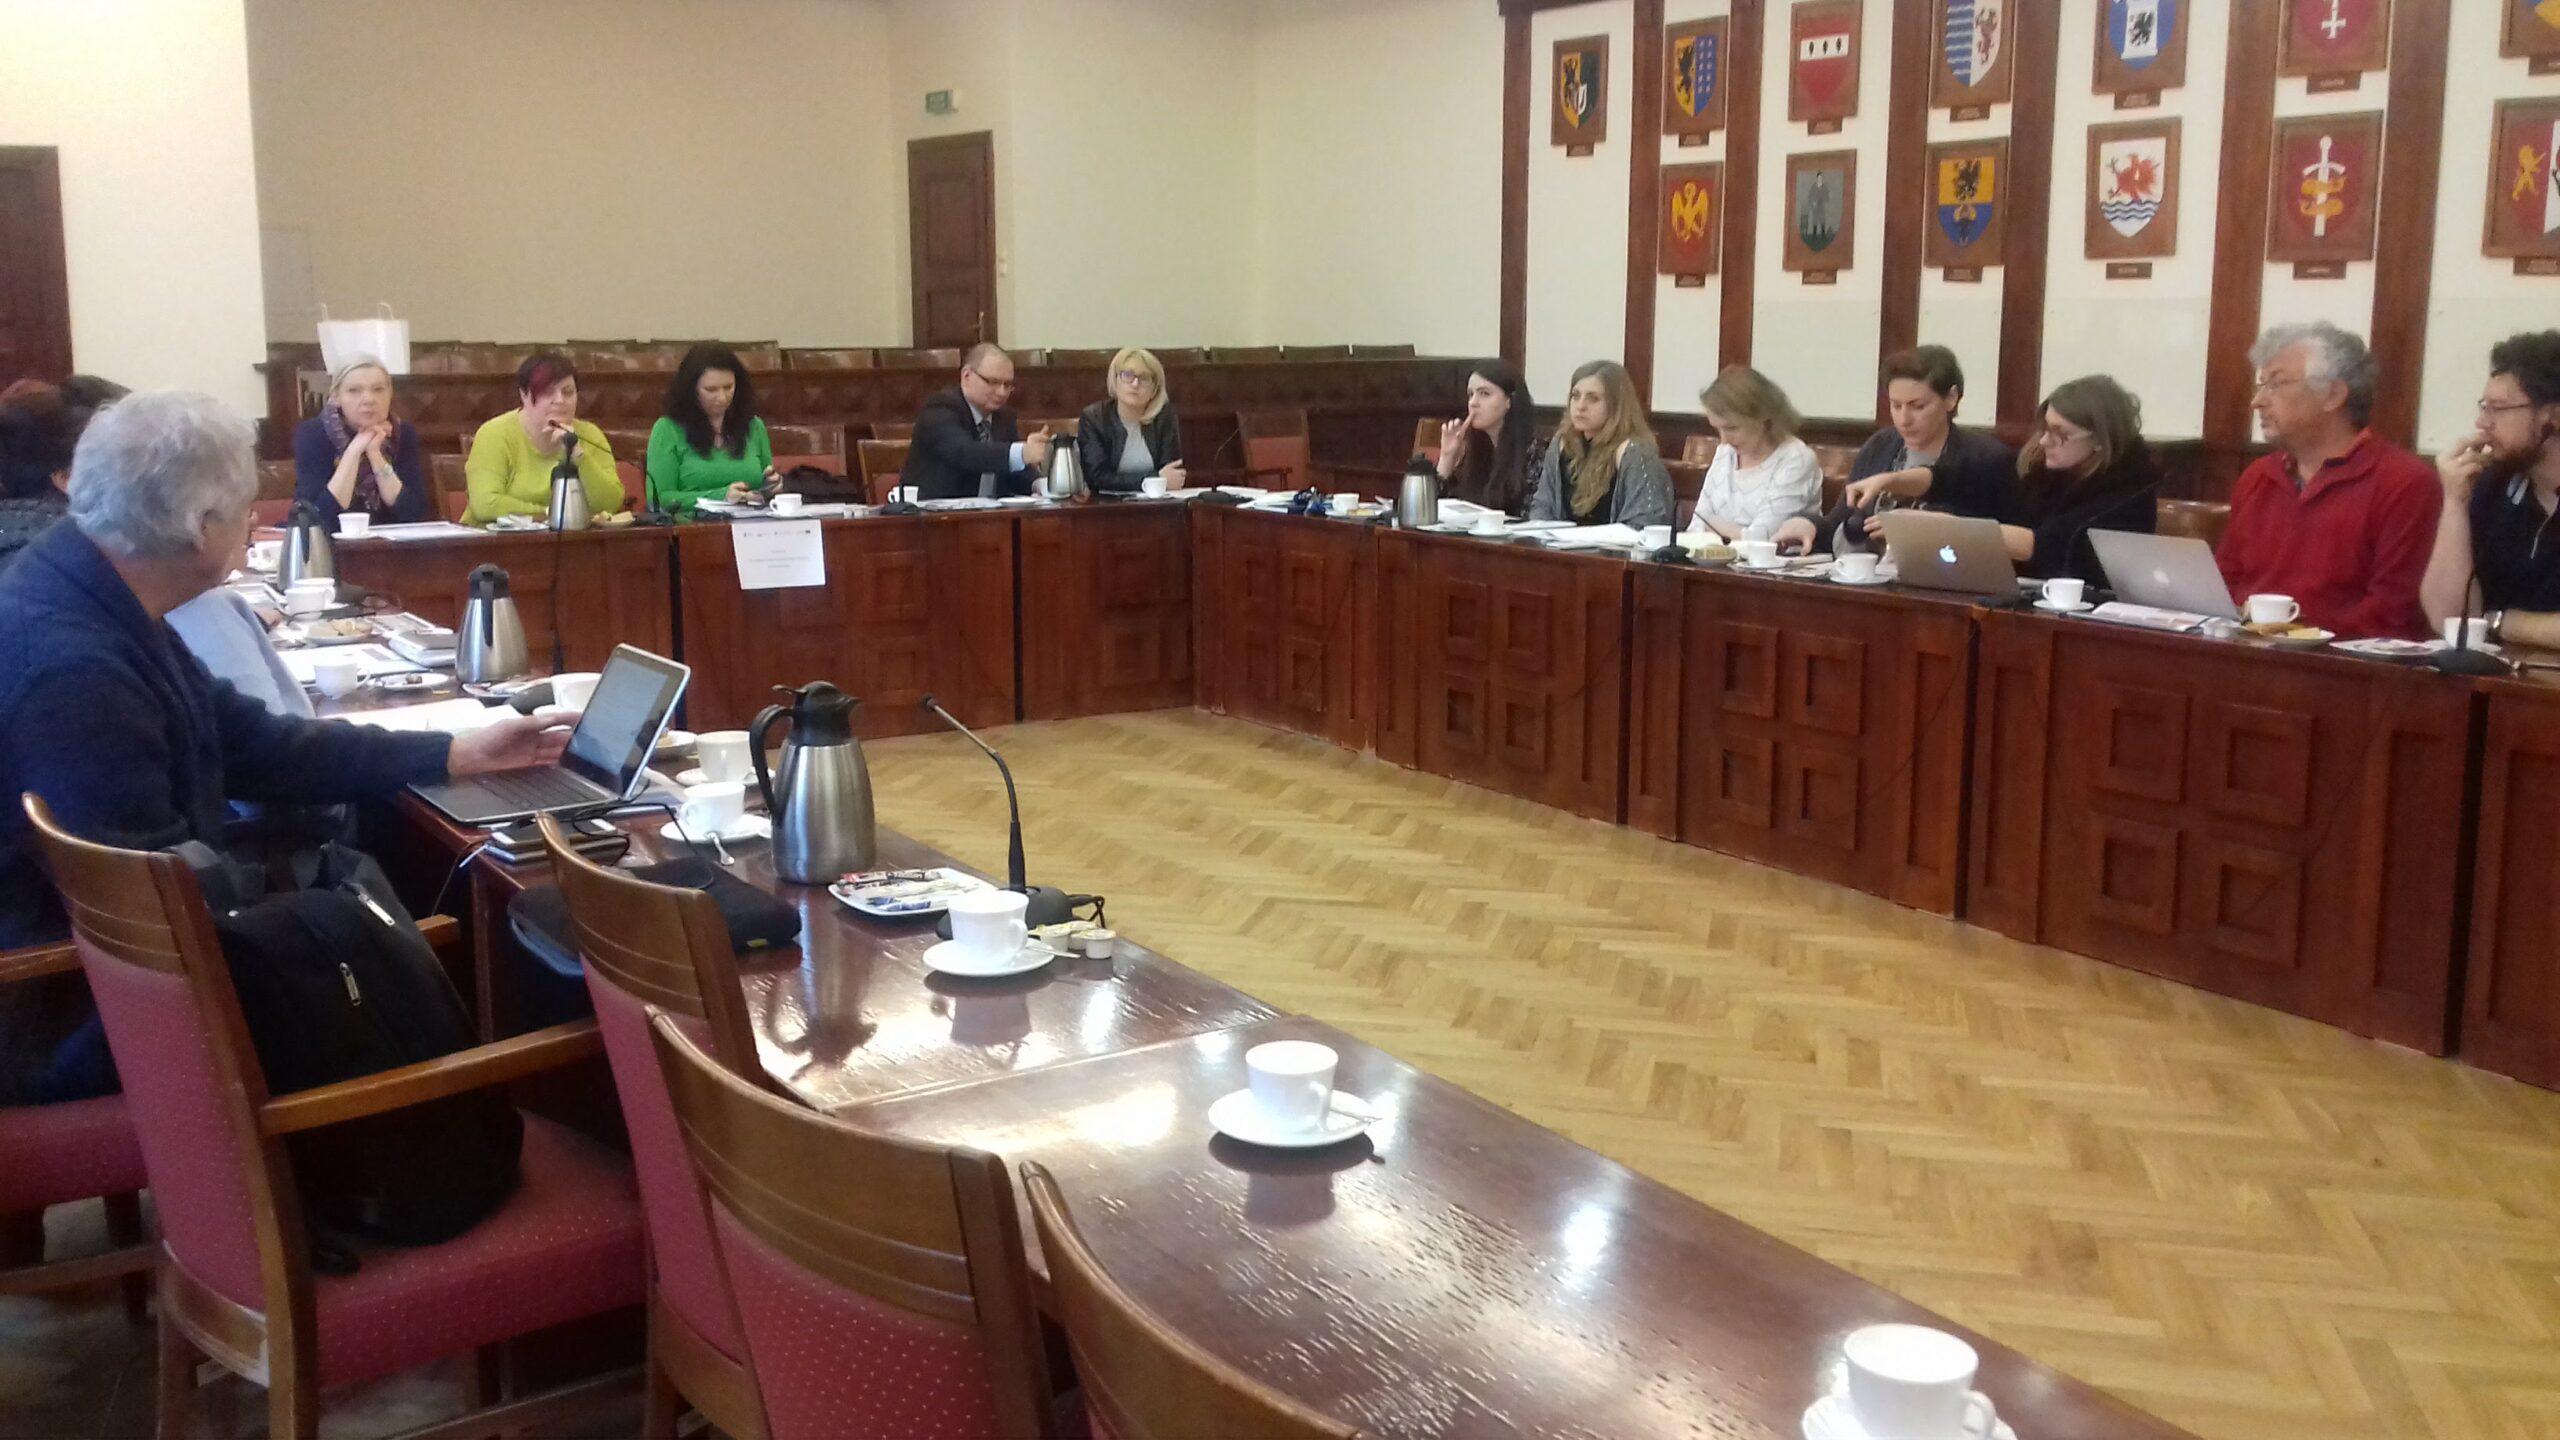 XI posiedzenie Pomorskiego Komitetu Rozwoju Ekonomii Społecznej